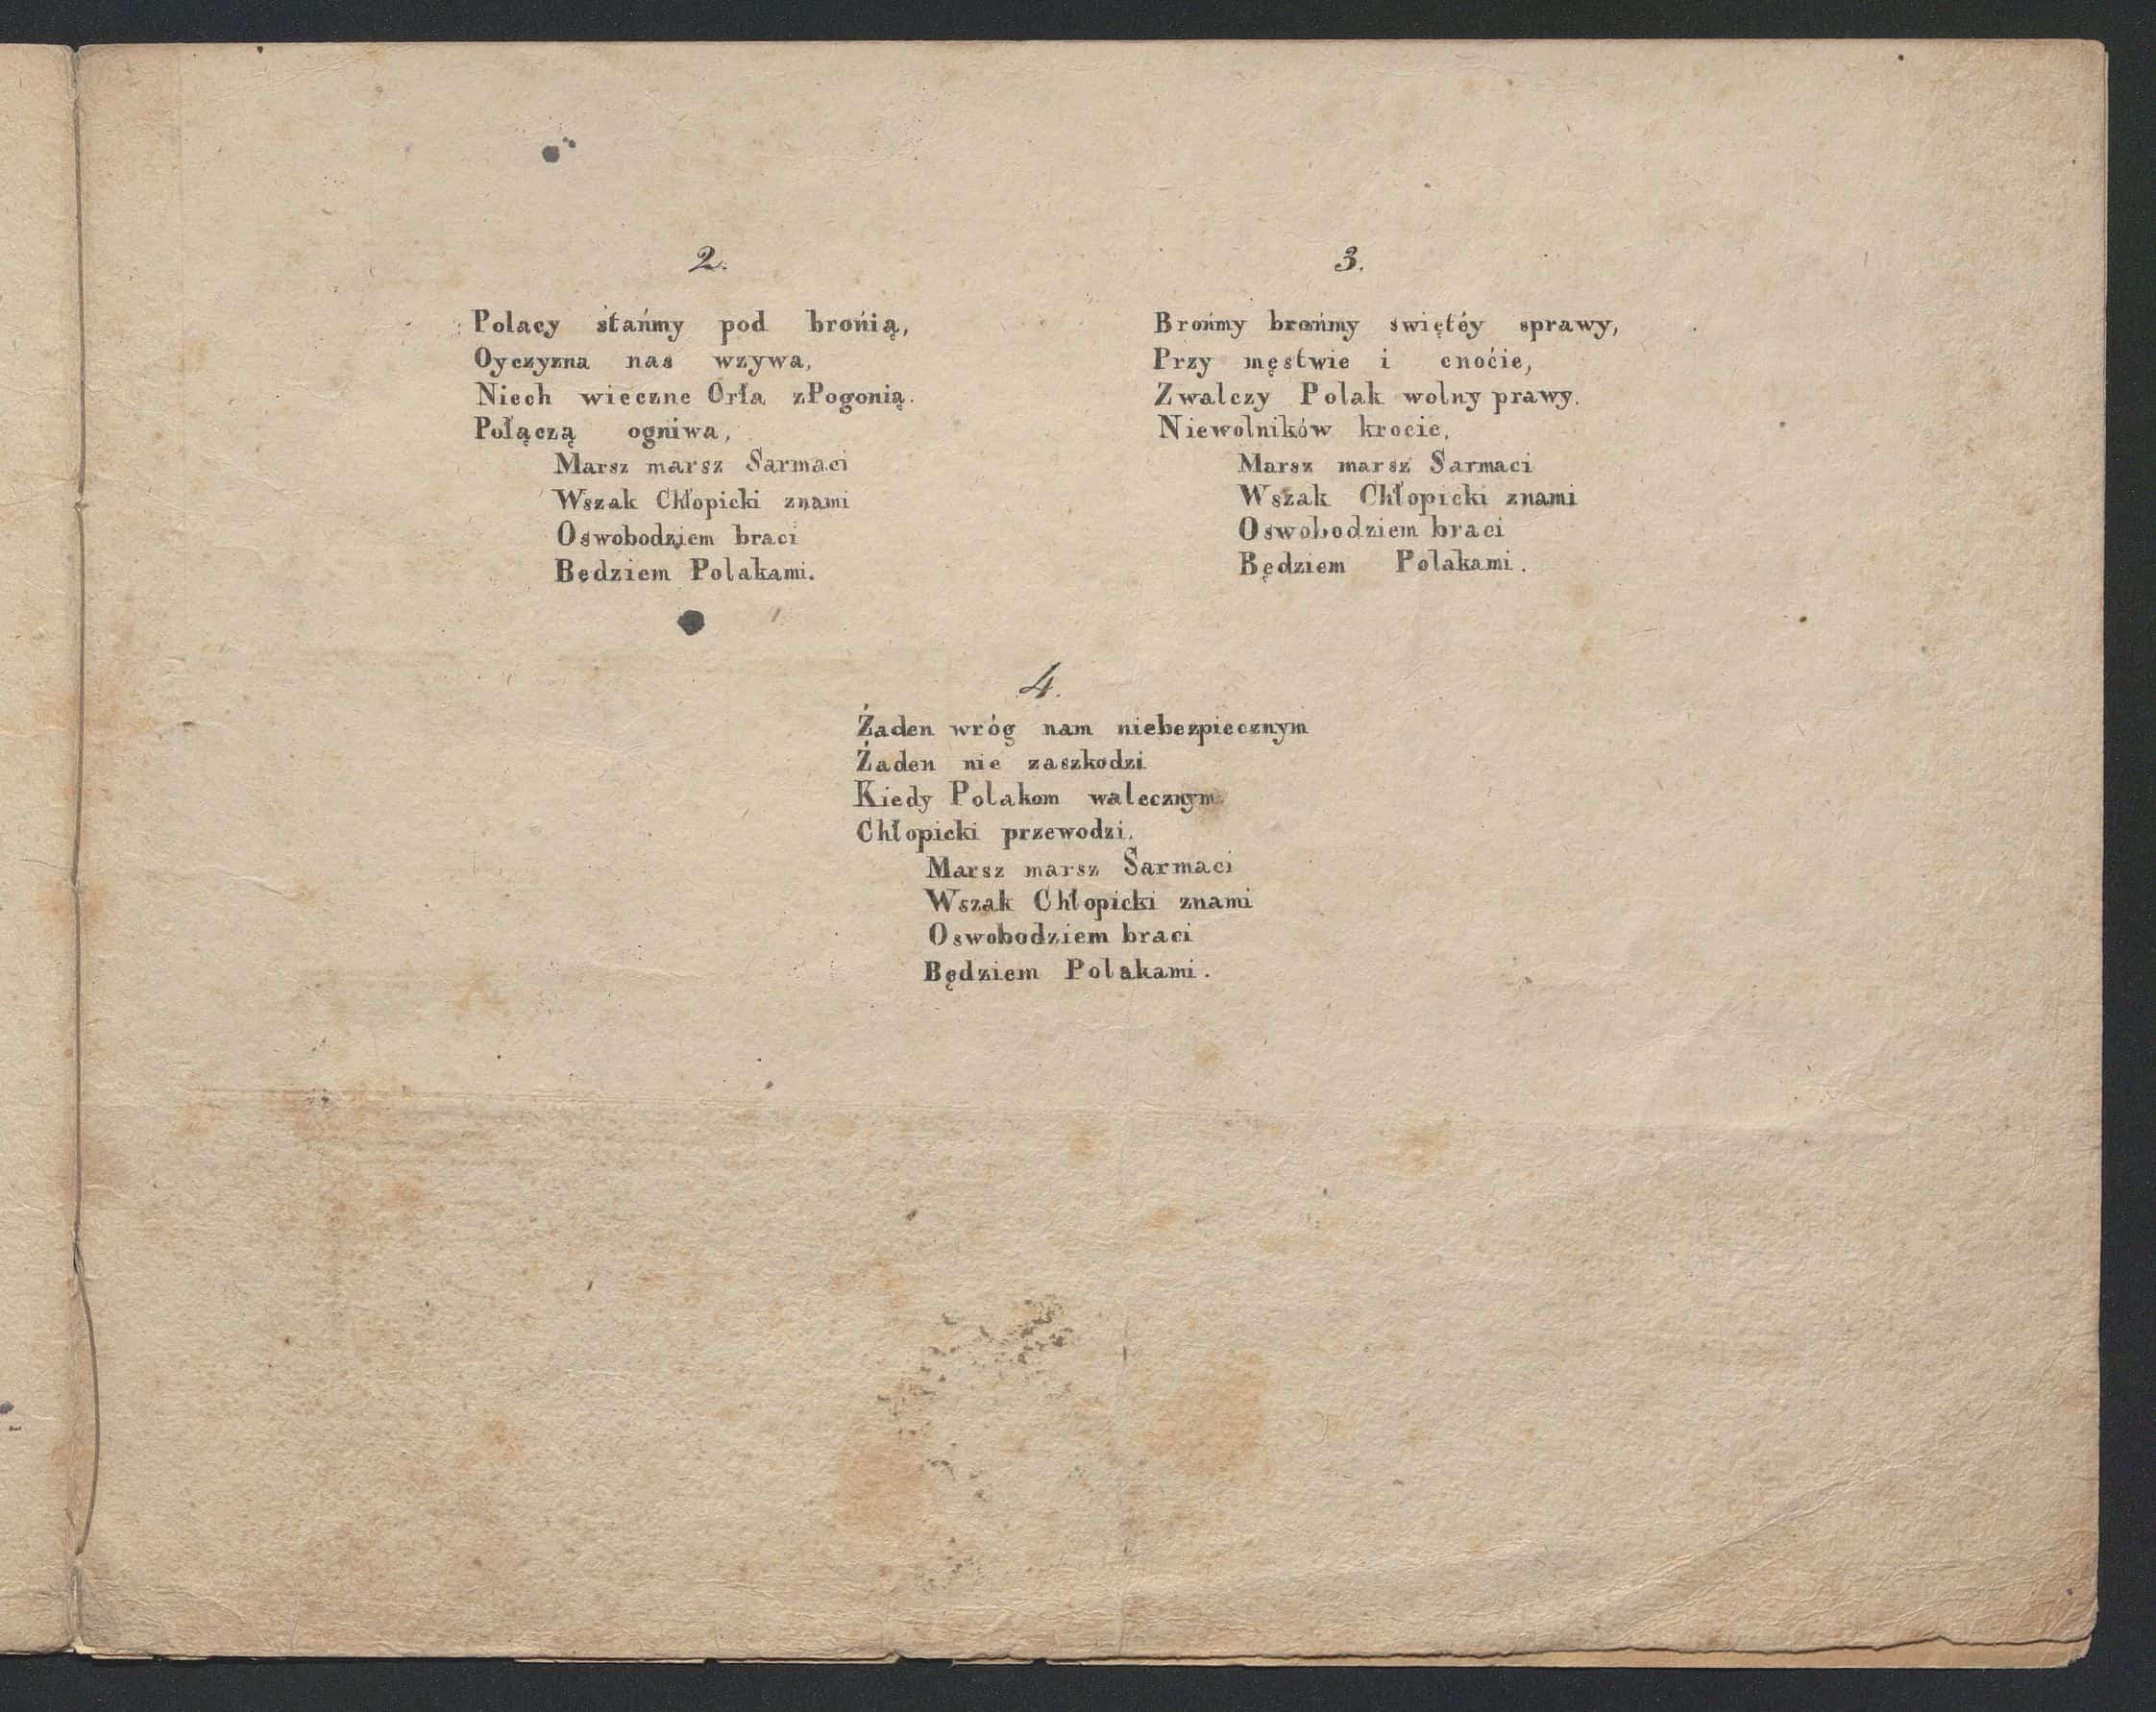 Pieśń narodowa na nutę (Jeszcze Polska nie zginęła) : ofiarowana J. W. J. Chłopickiemu Dyktatorowi. Druk muzyczny z ca 1831 roku. Źródło: Polona